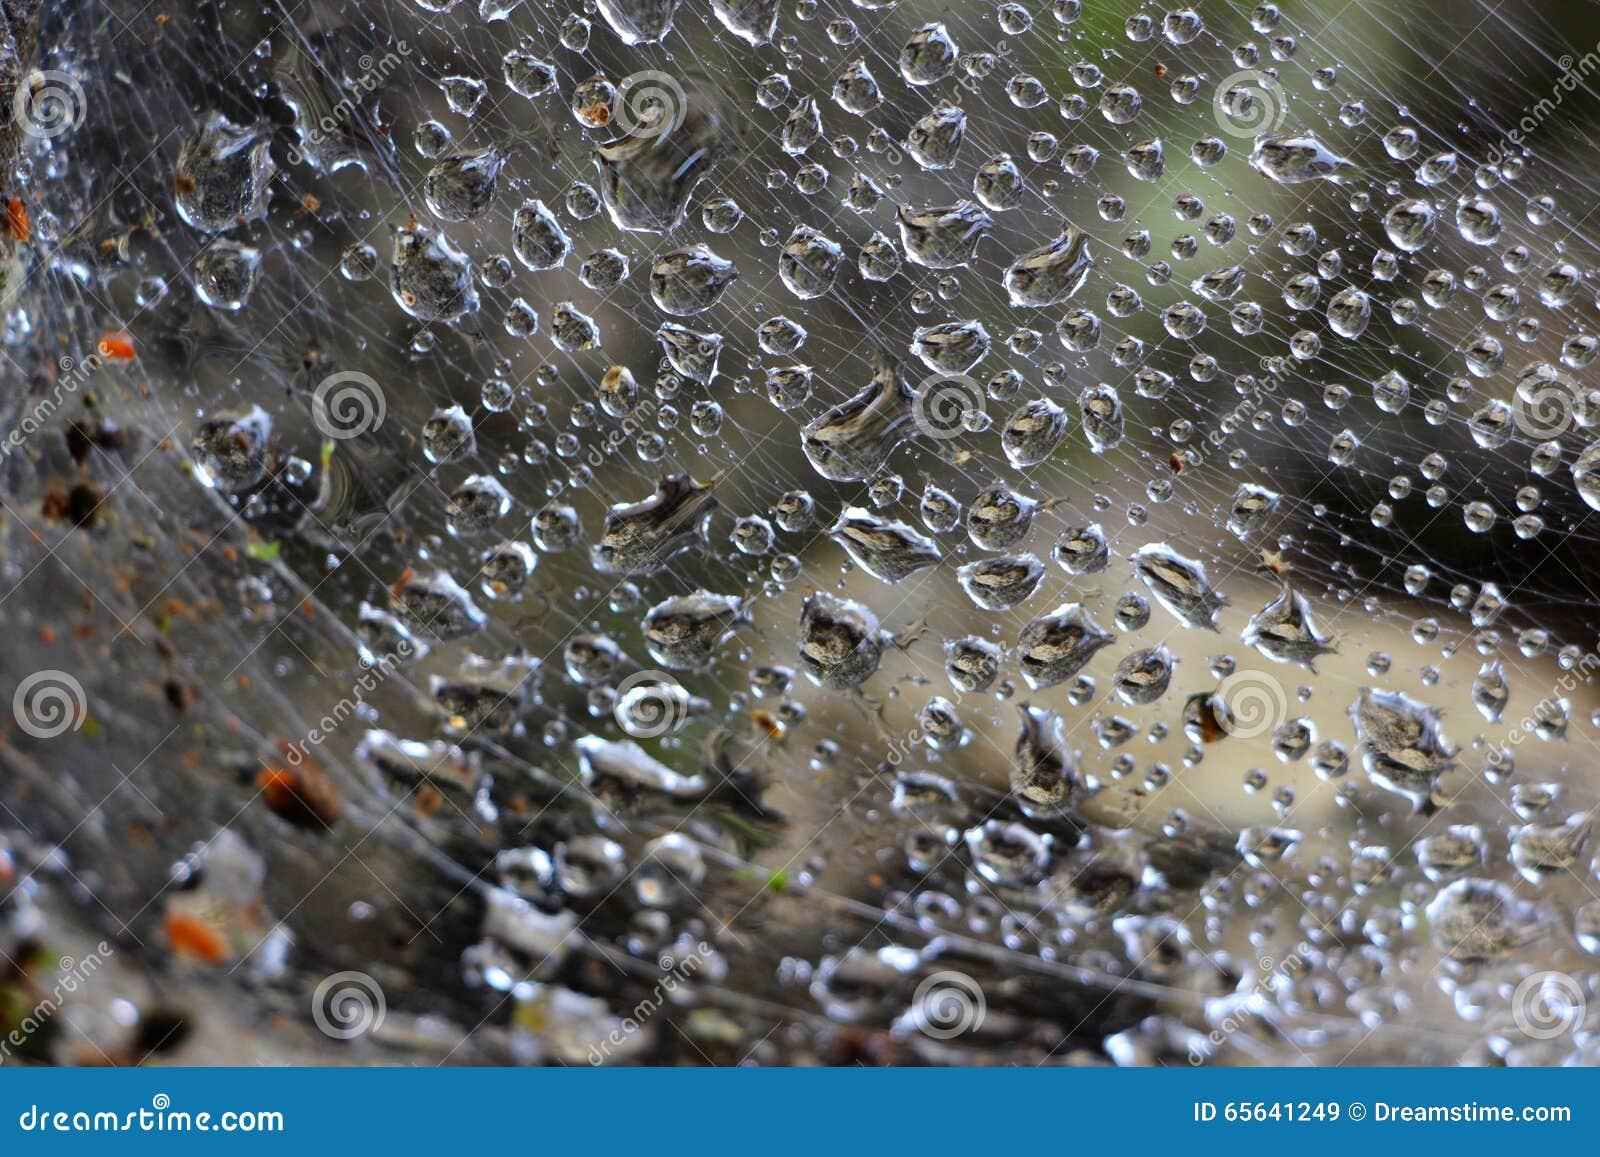 Pluie dans la toile d araignée